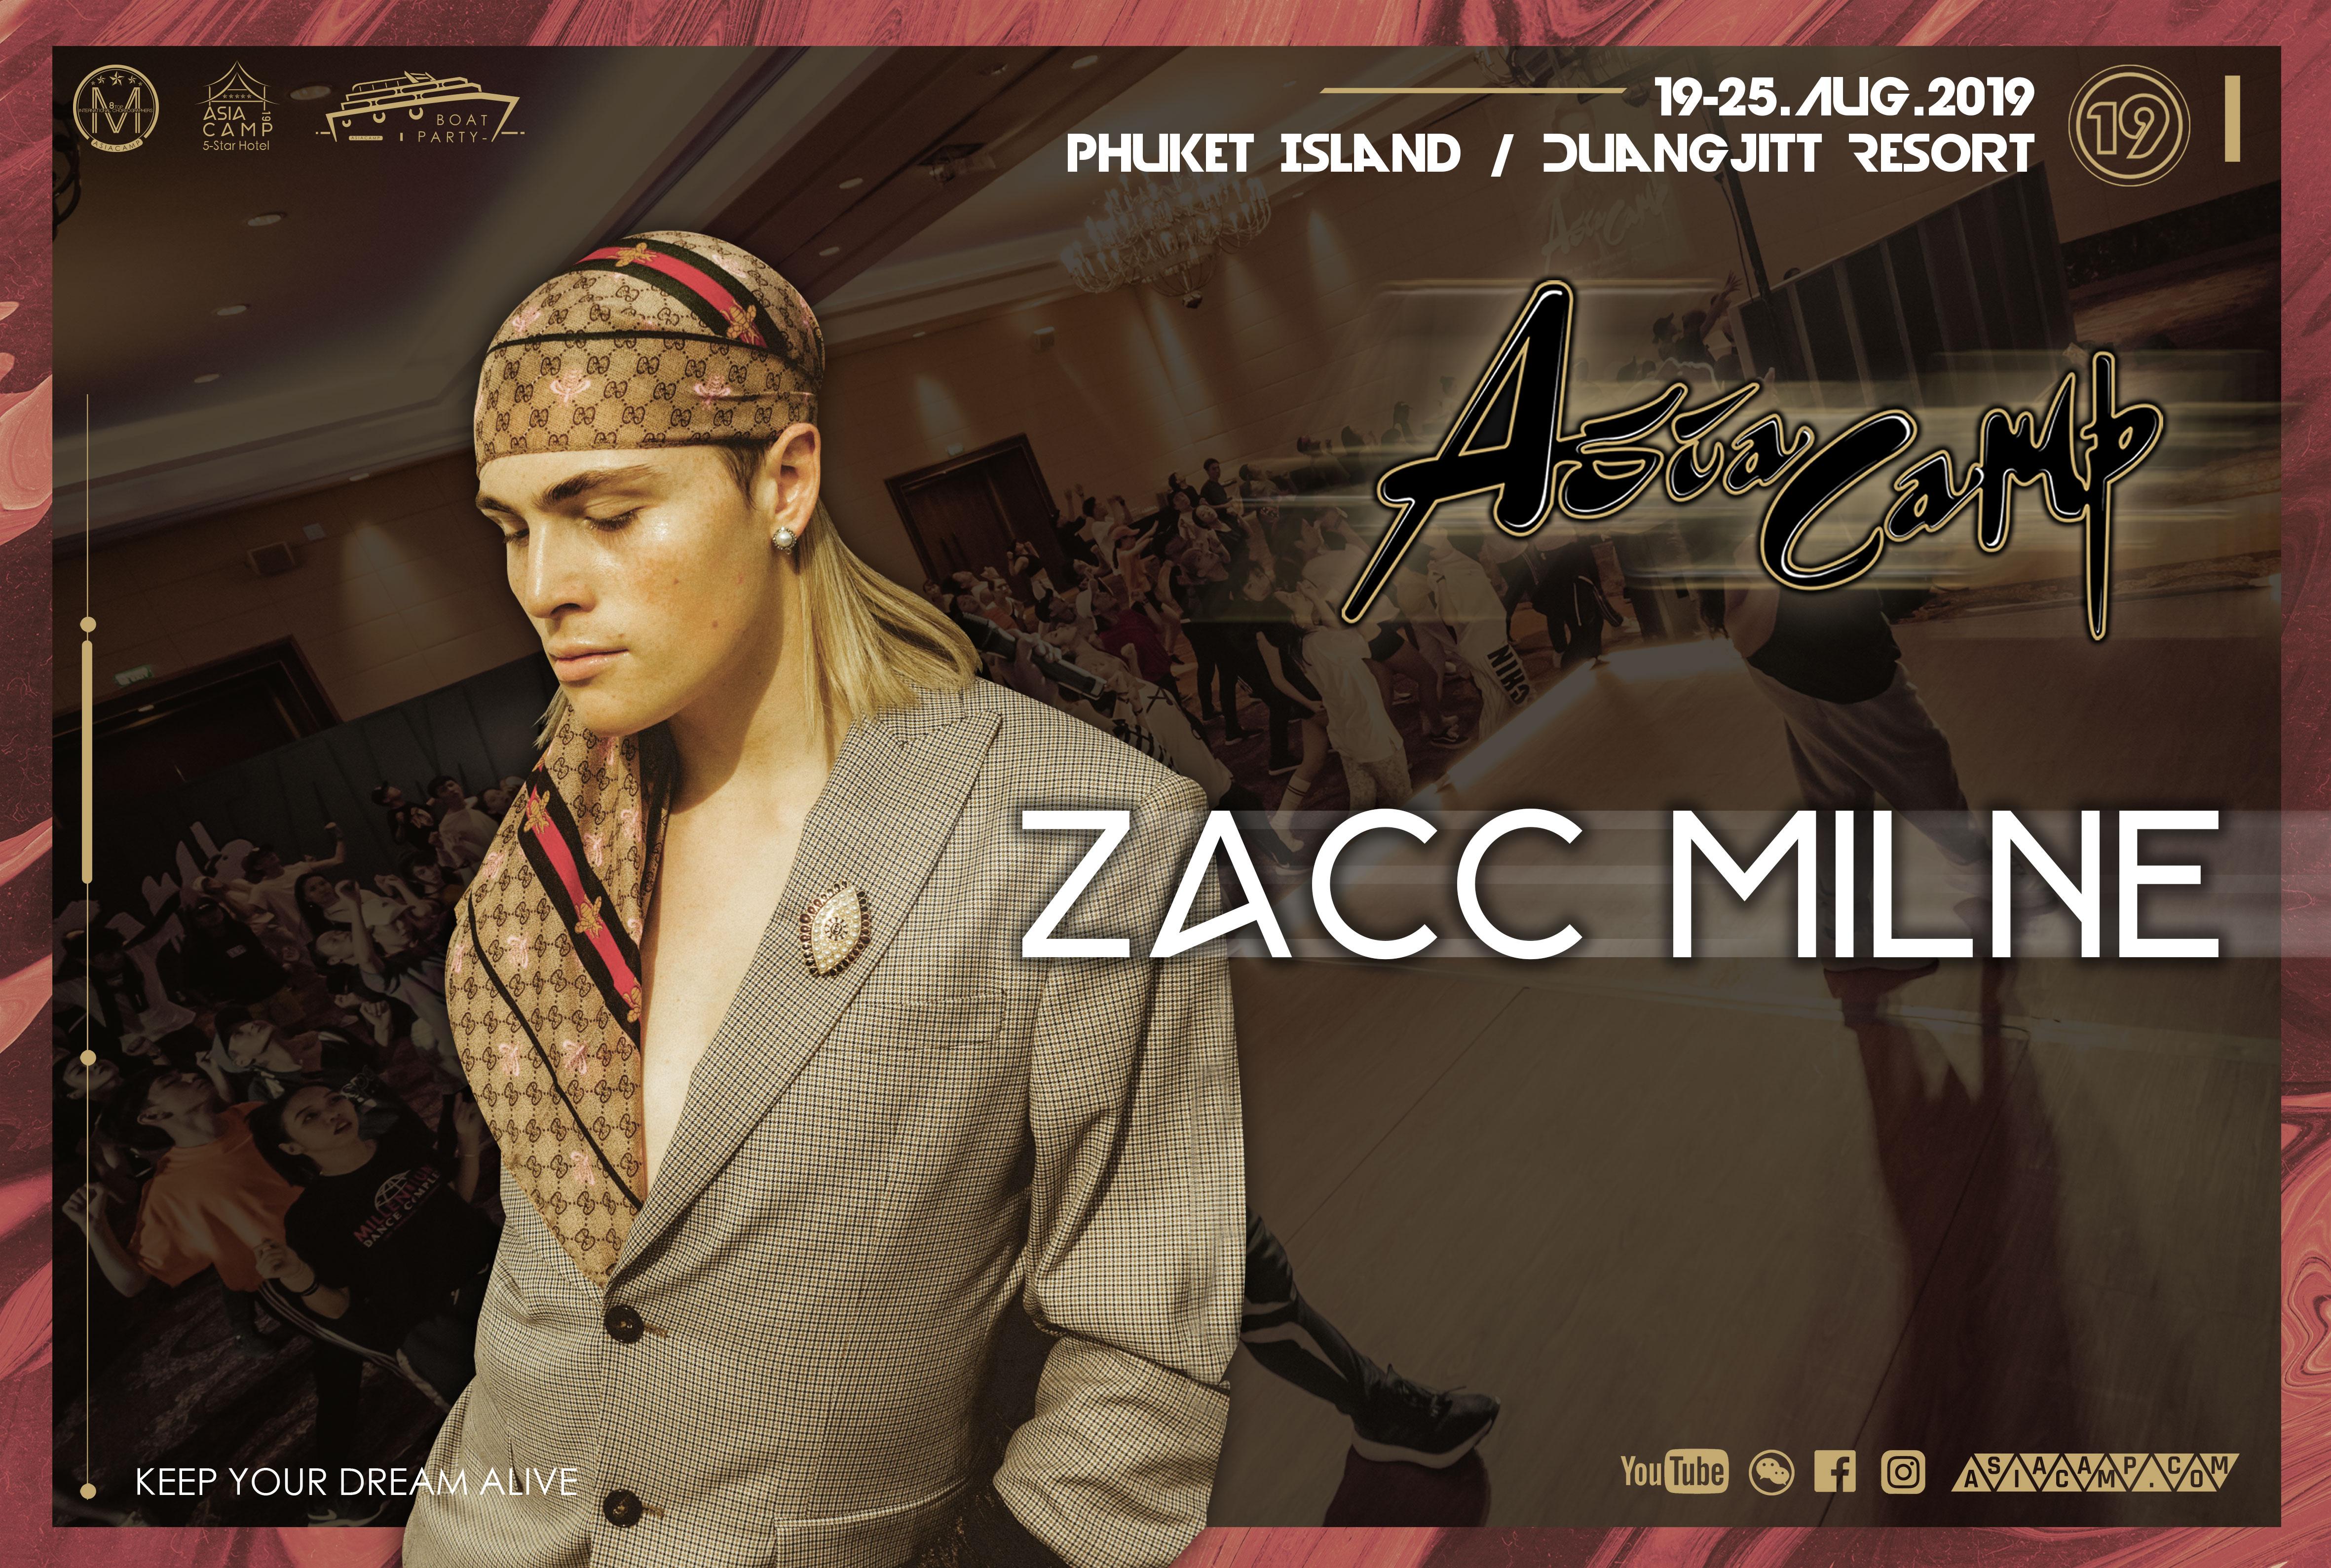 Zacc Milne